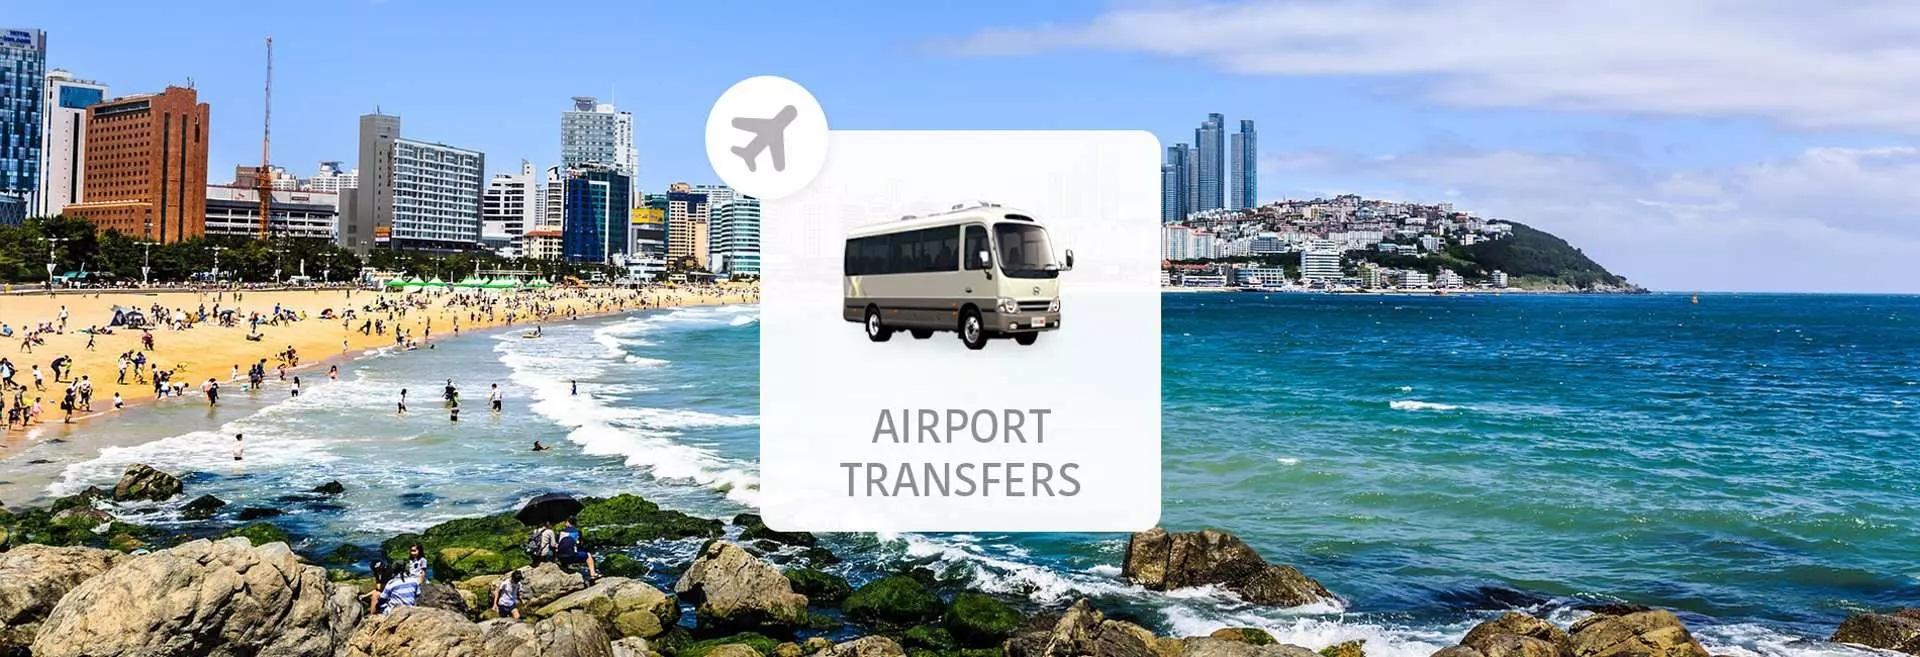 韓國釜山金海機場 (PUS)至釜山市區 機場接送專車 - KKday